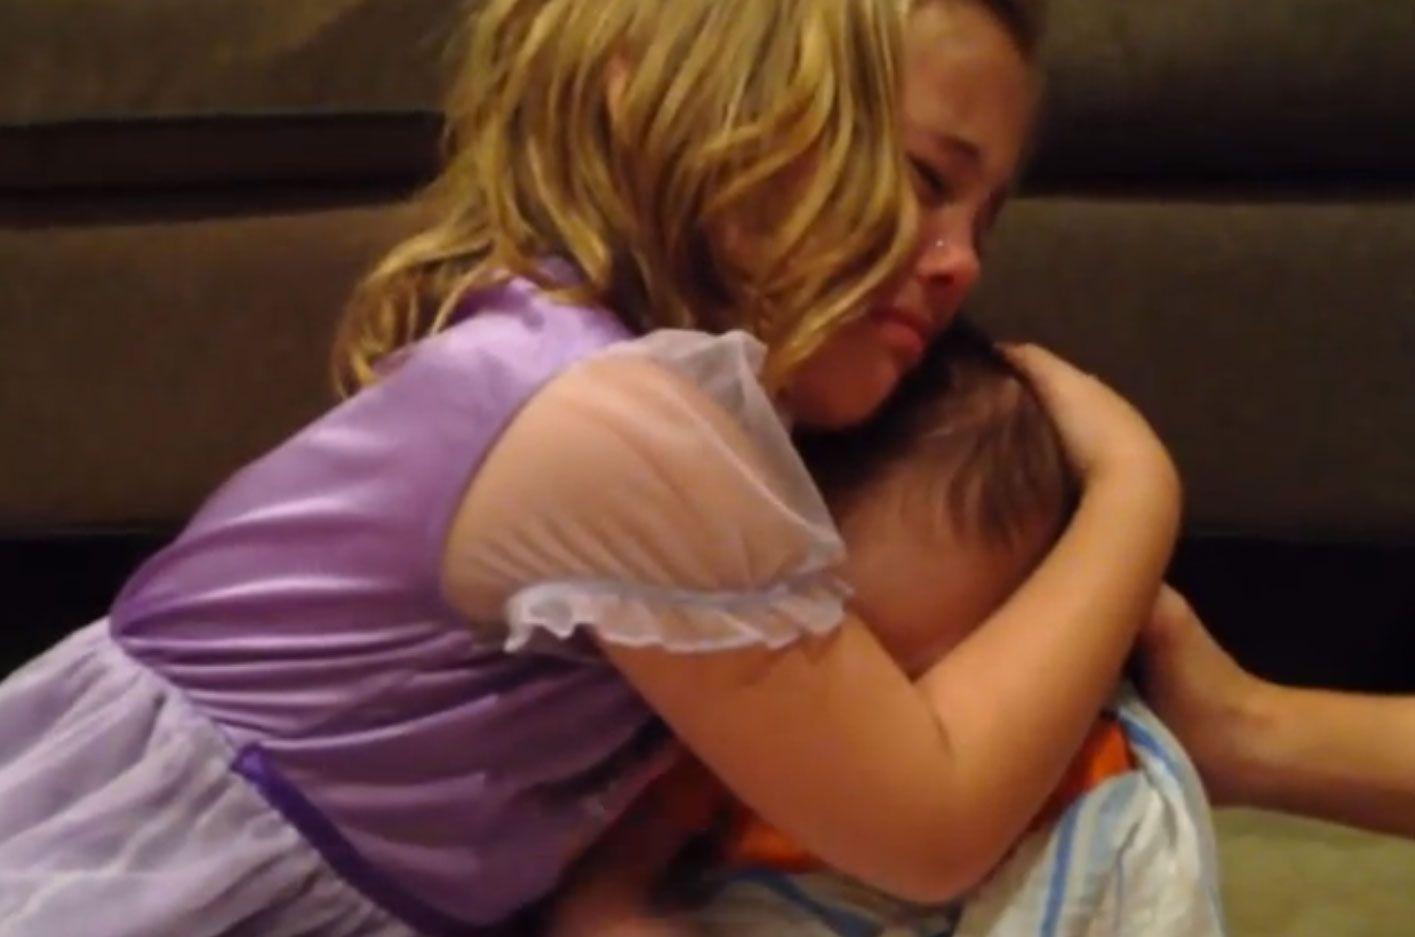 Esta niña tiene un deseo imposible que su hermanito no crezca más